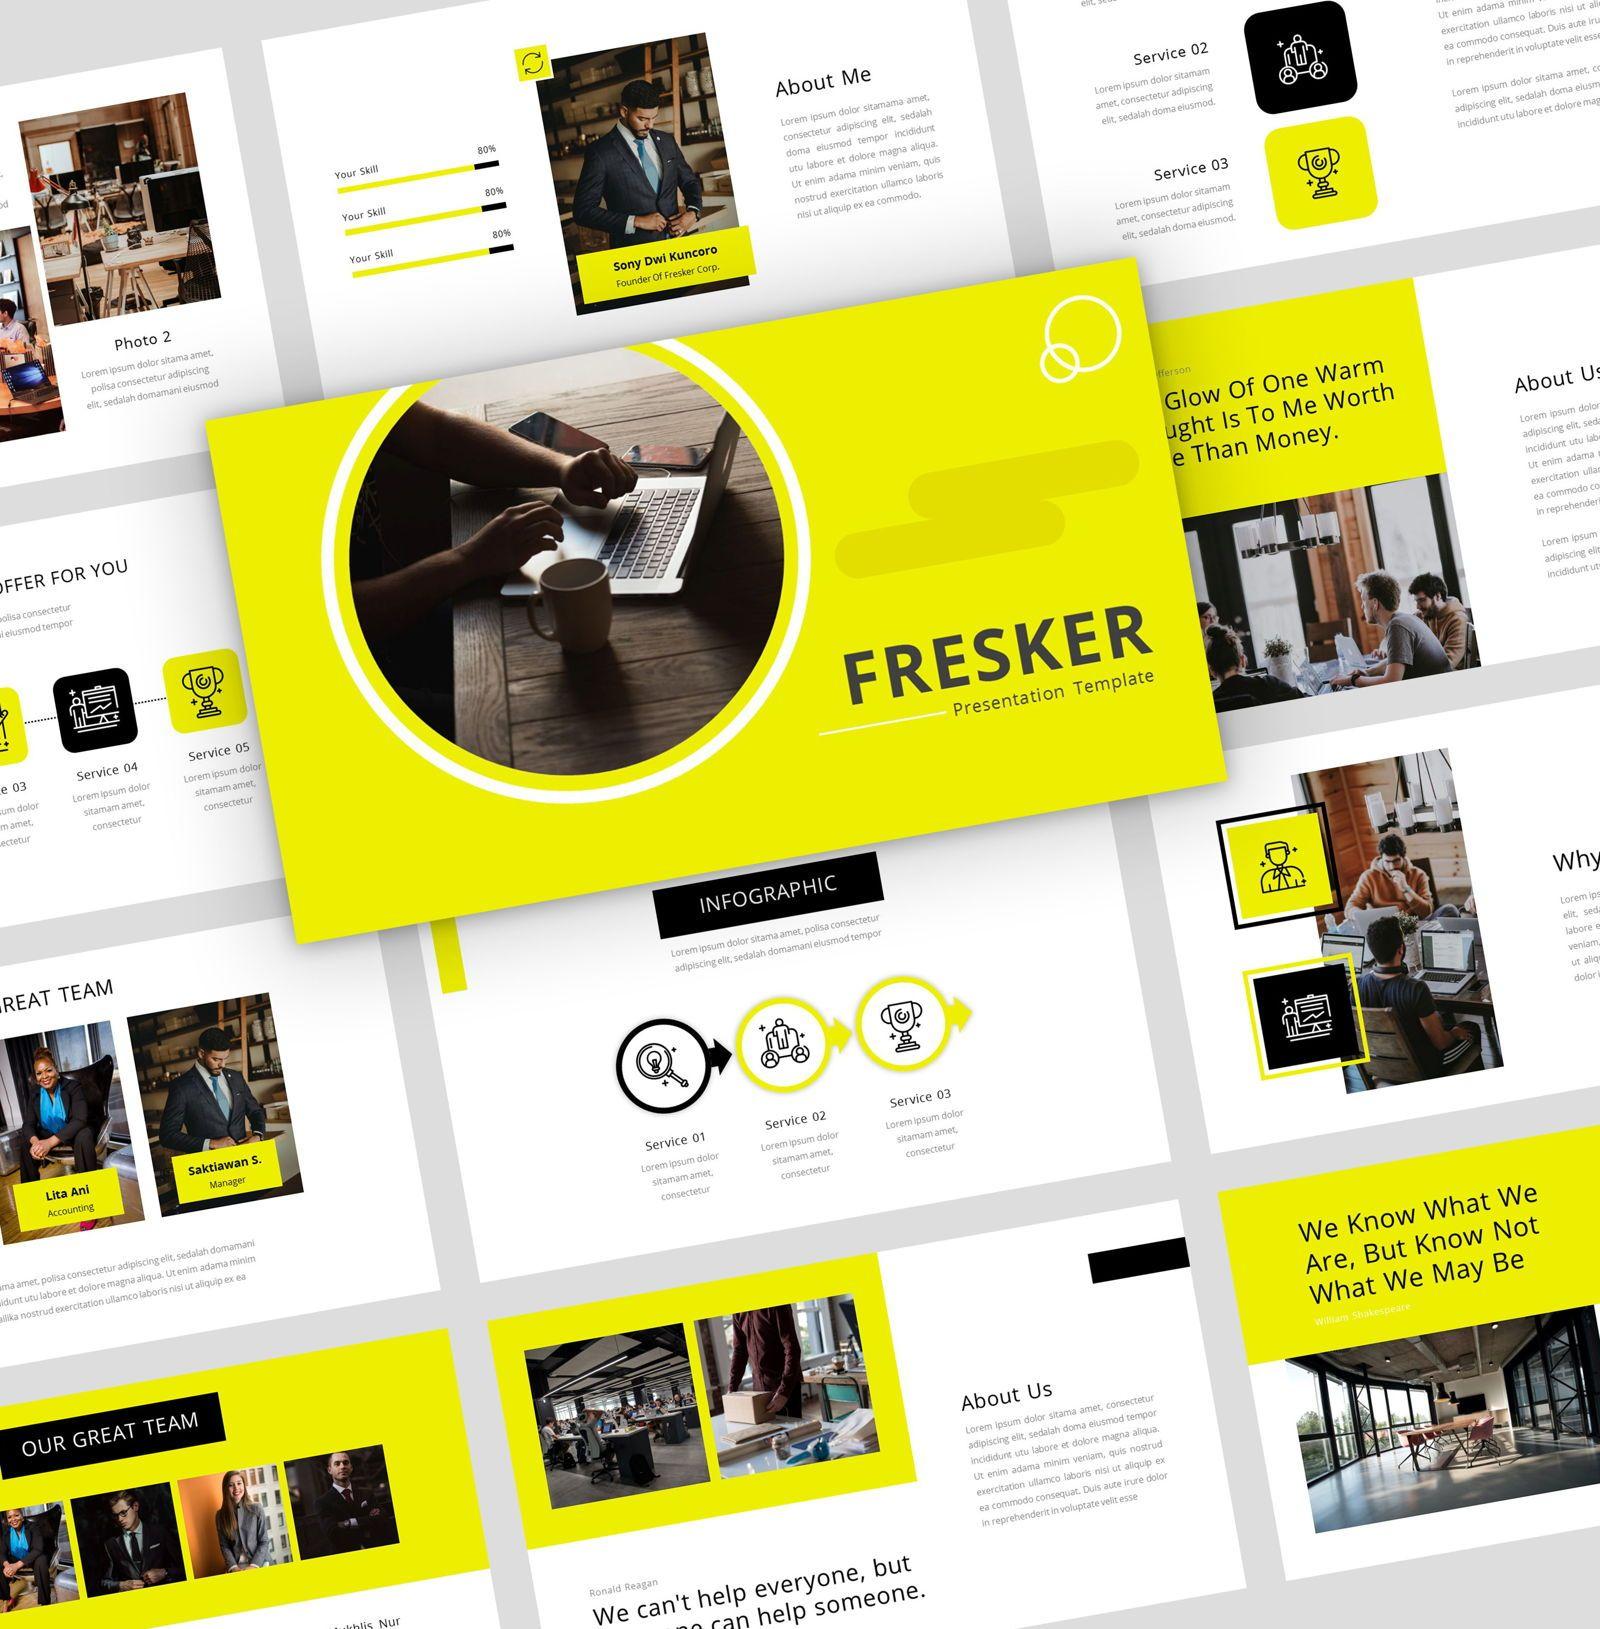 fresker - Google Slide Presentation Template, 08149, Presentation Templates — PoweredTemplate.com